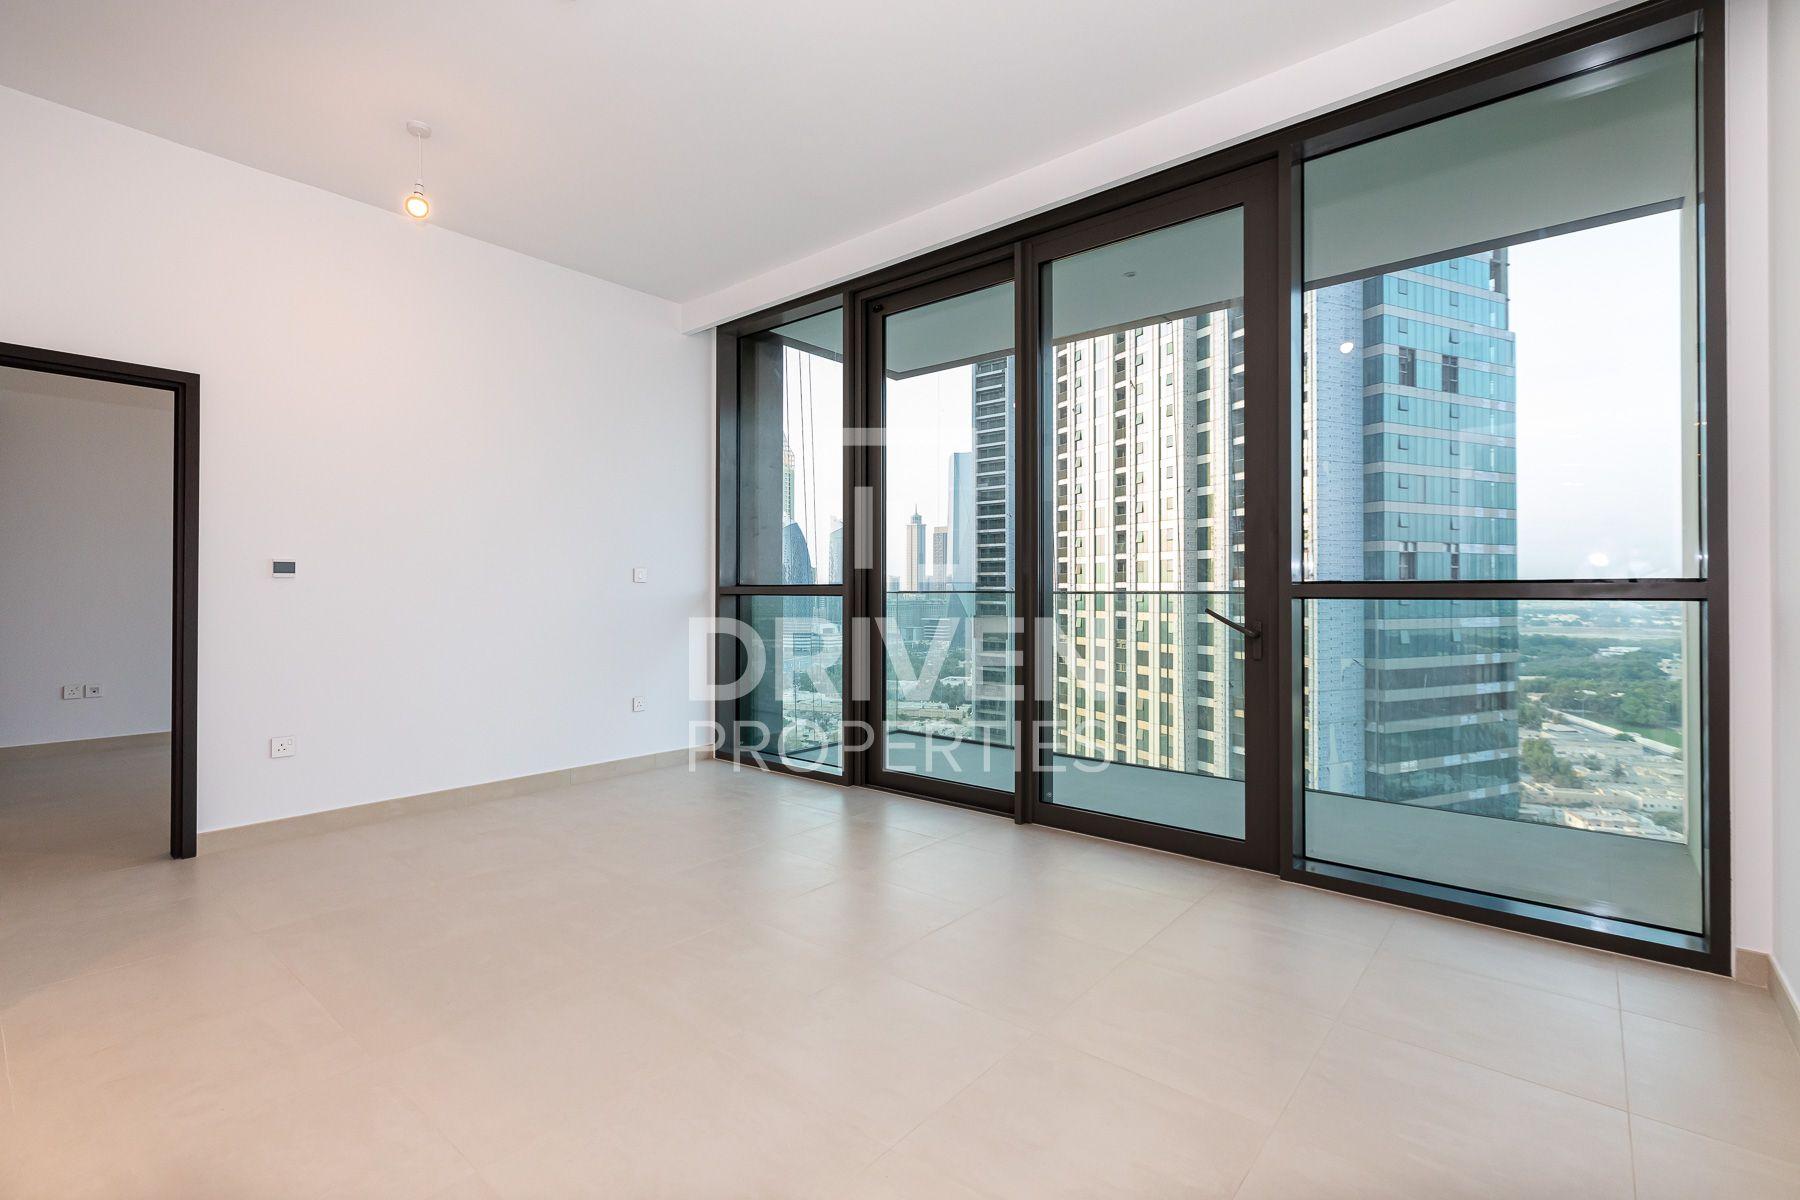 973 قدم مربع  شقة - للايجار - دبي وسط المدينة